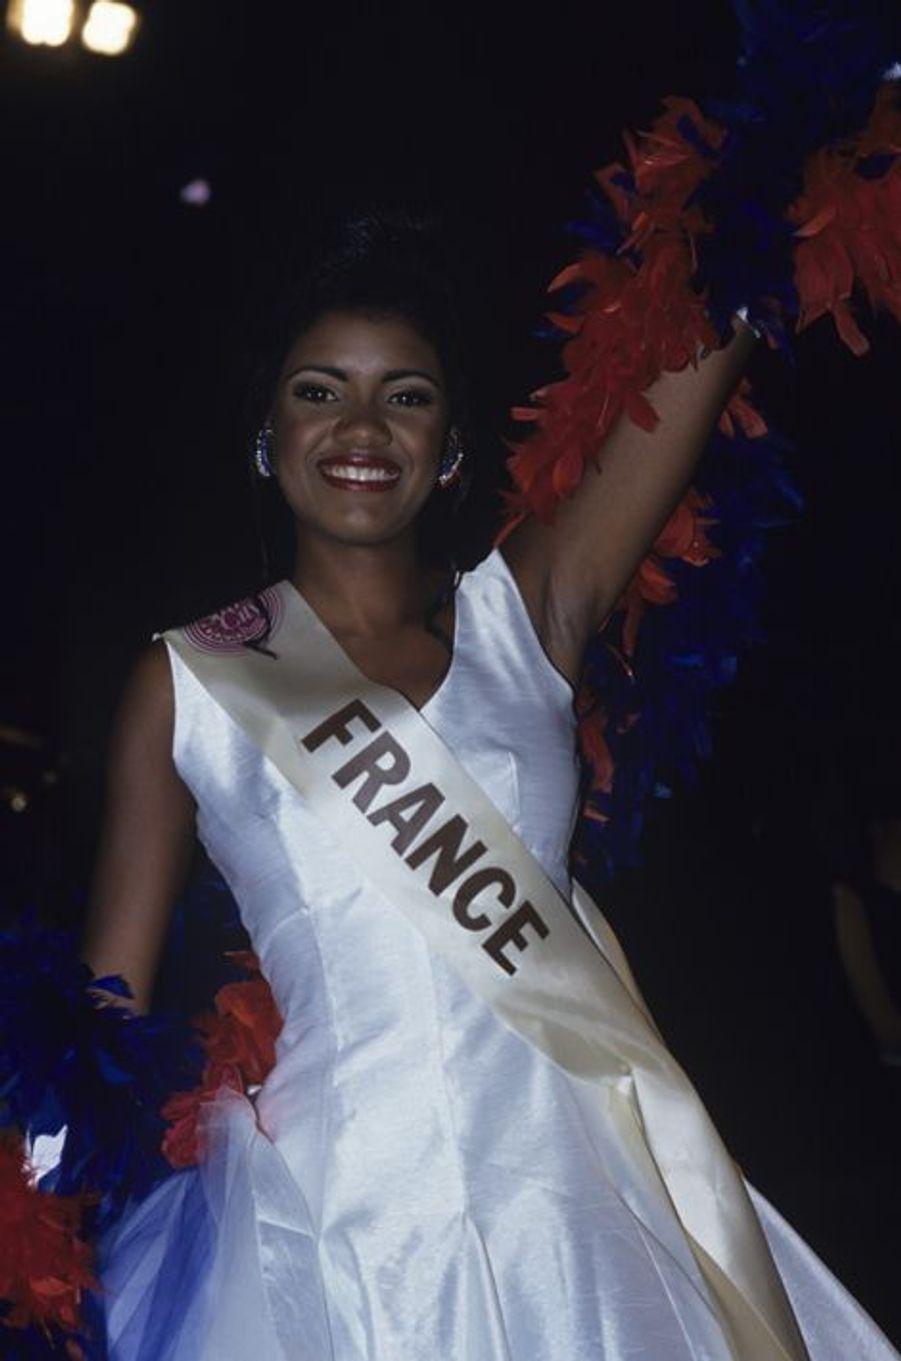 Succédant à Linda Hardy, Miss Guadeloupe a obtenu un diplôme en sciences politiques après son année de règne. Quelques années plus tard, elle se lançait officiellement dans le monde de la mode en devenant couturière, fondant sa propre marque de maillots de bain en 2005, V del Sol.